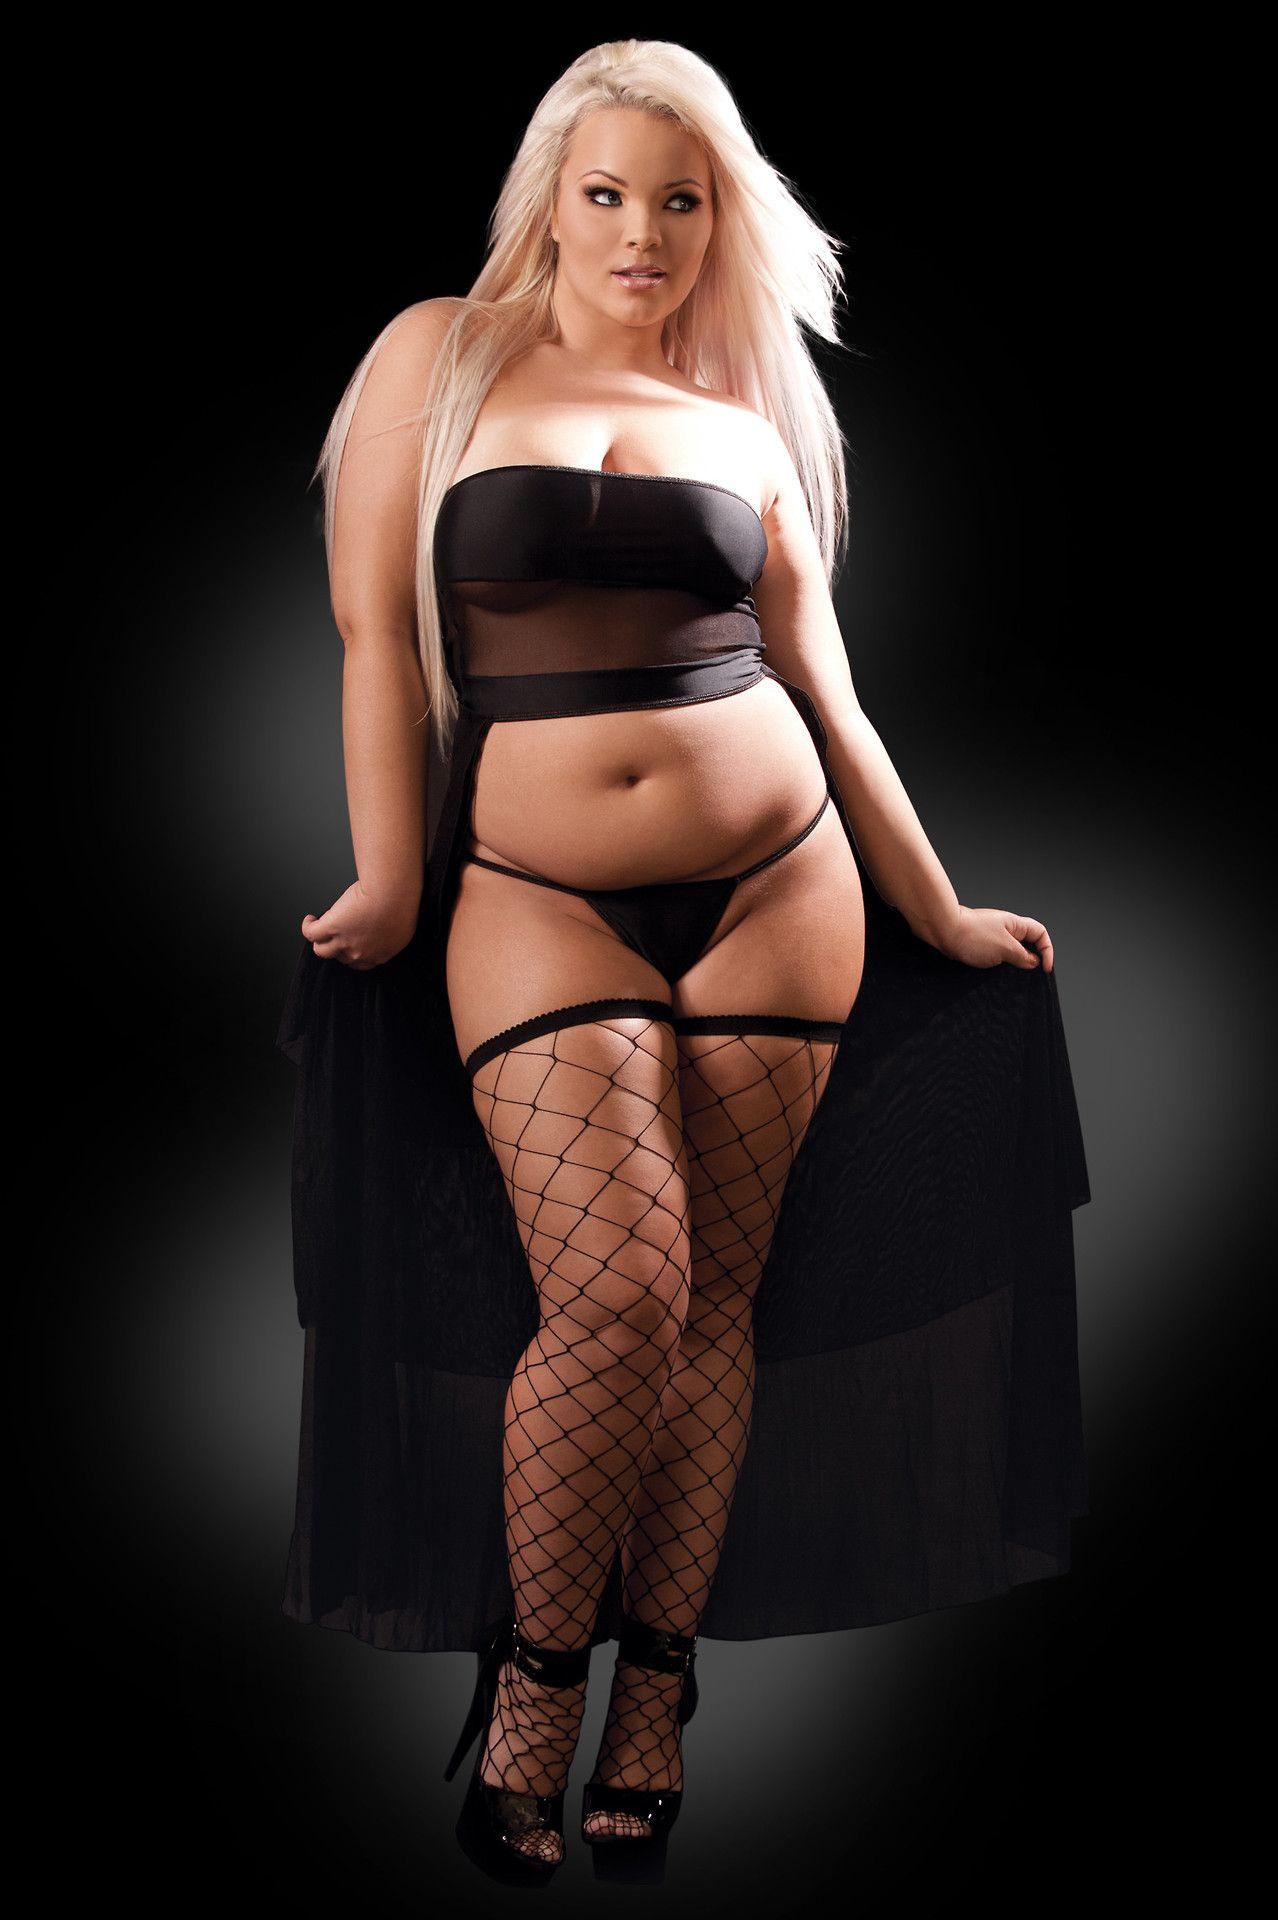 Latina maid sex ebaums